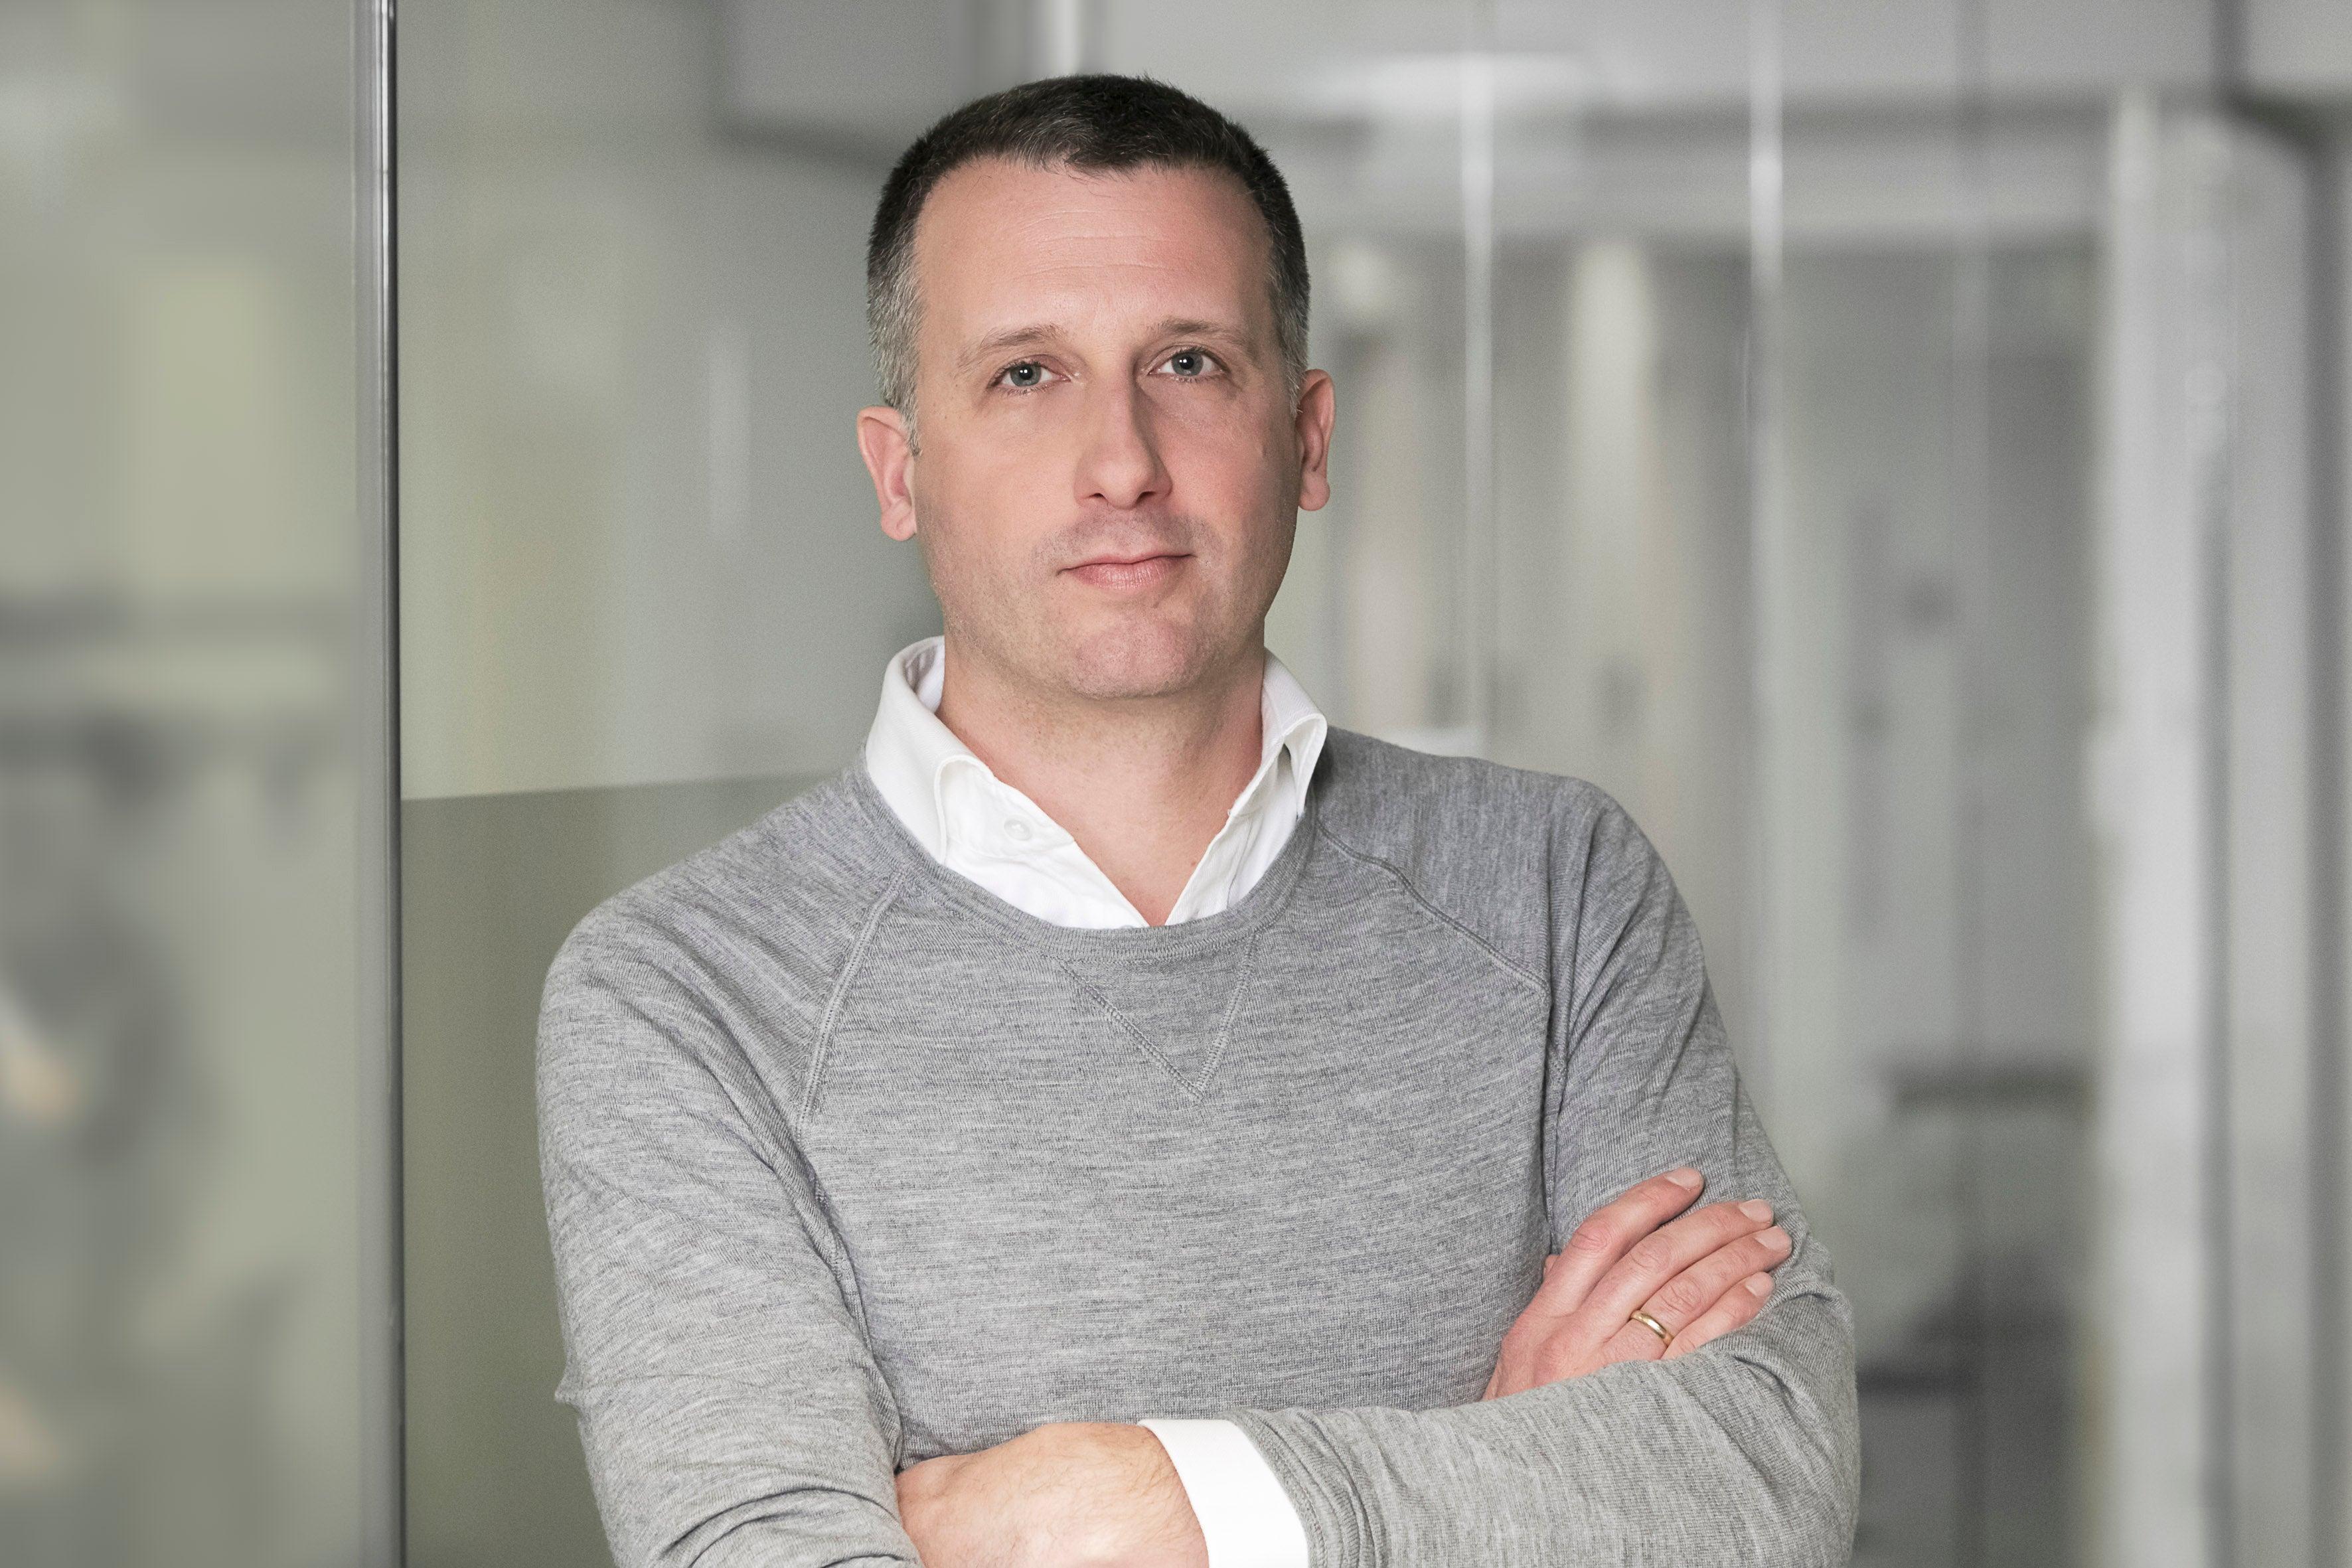 Carsten Schwecke